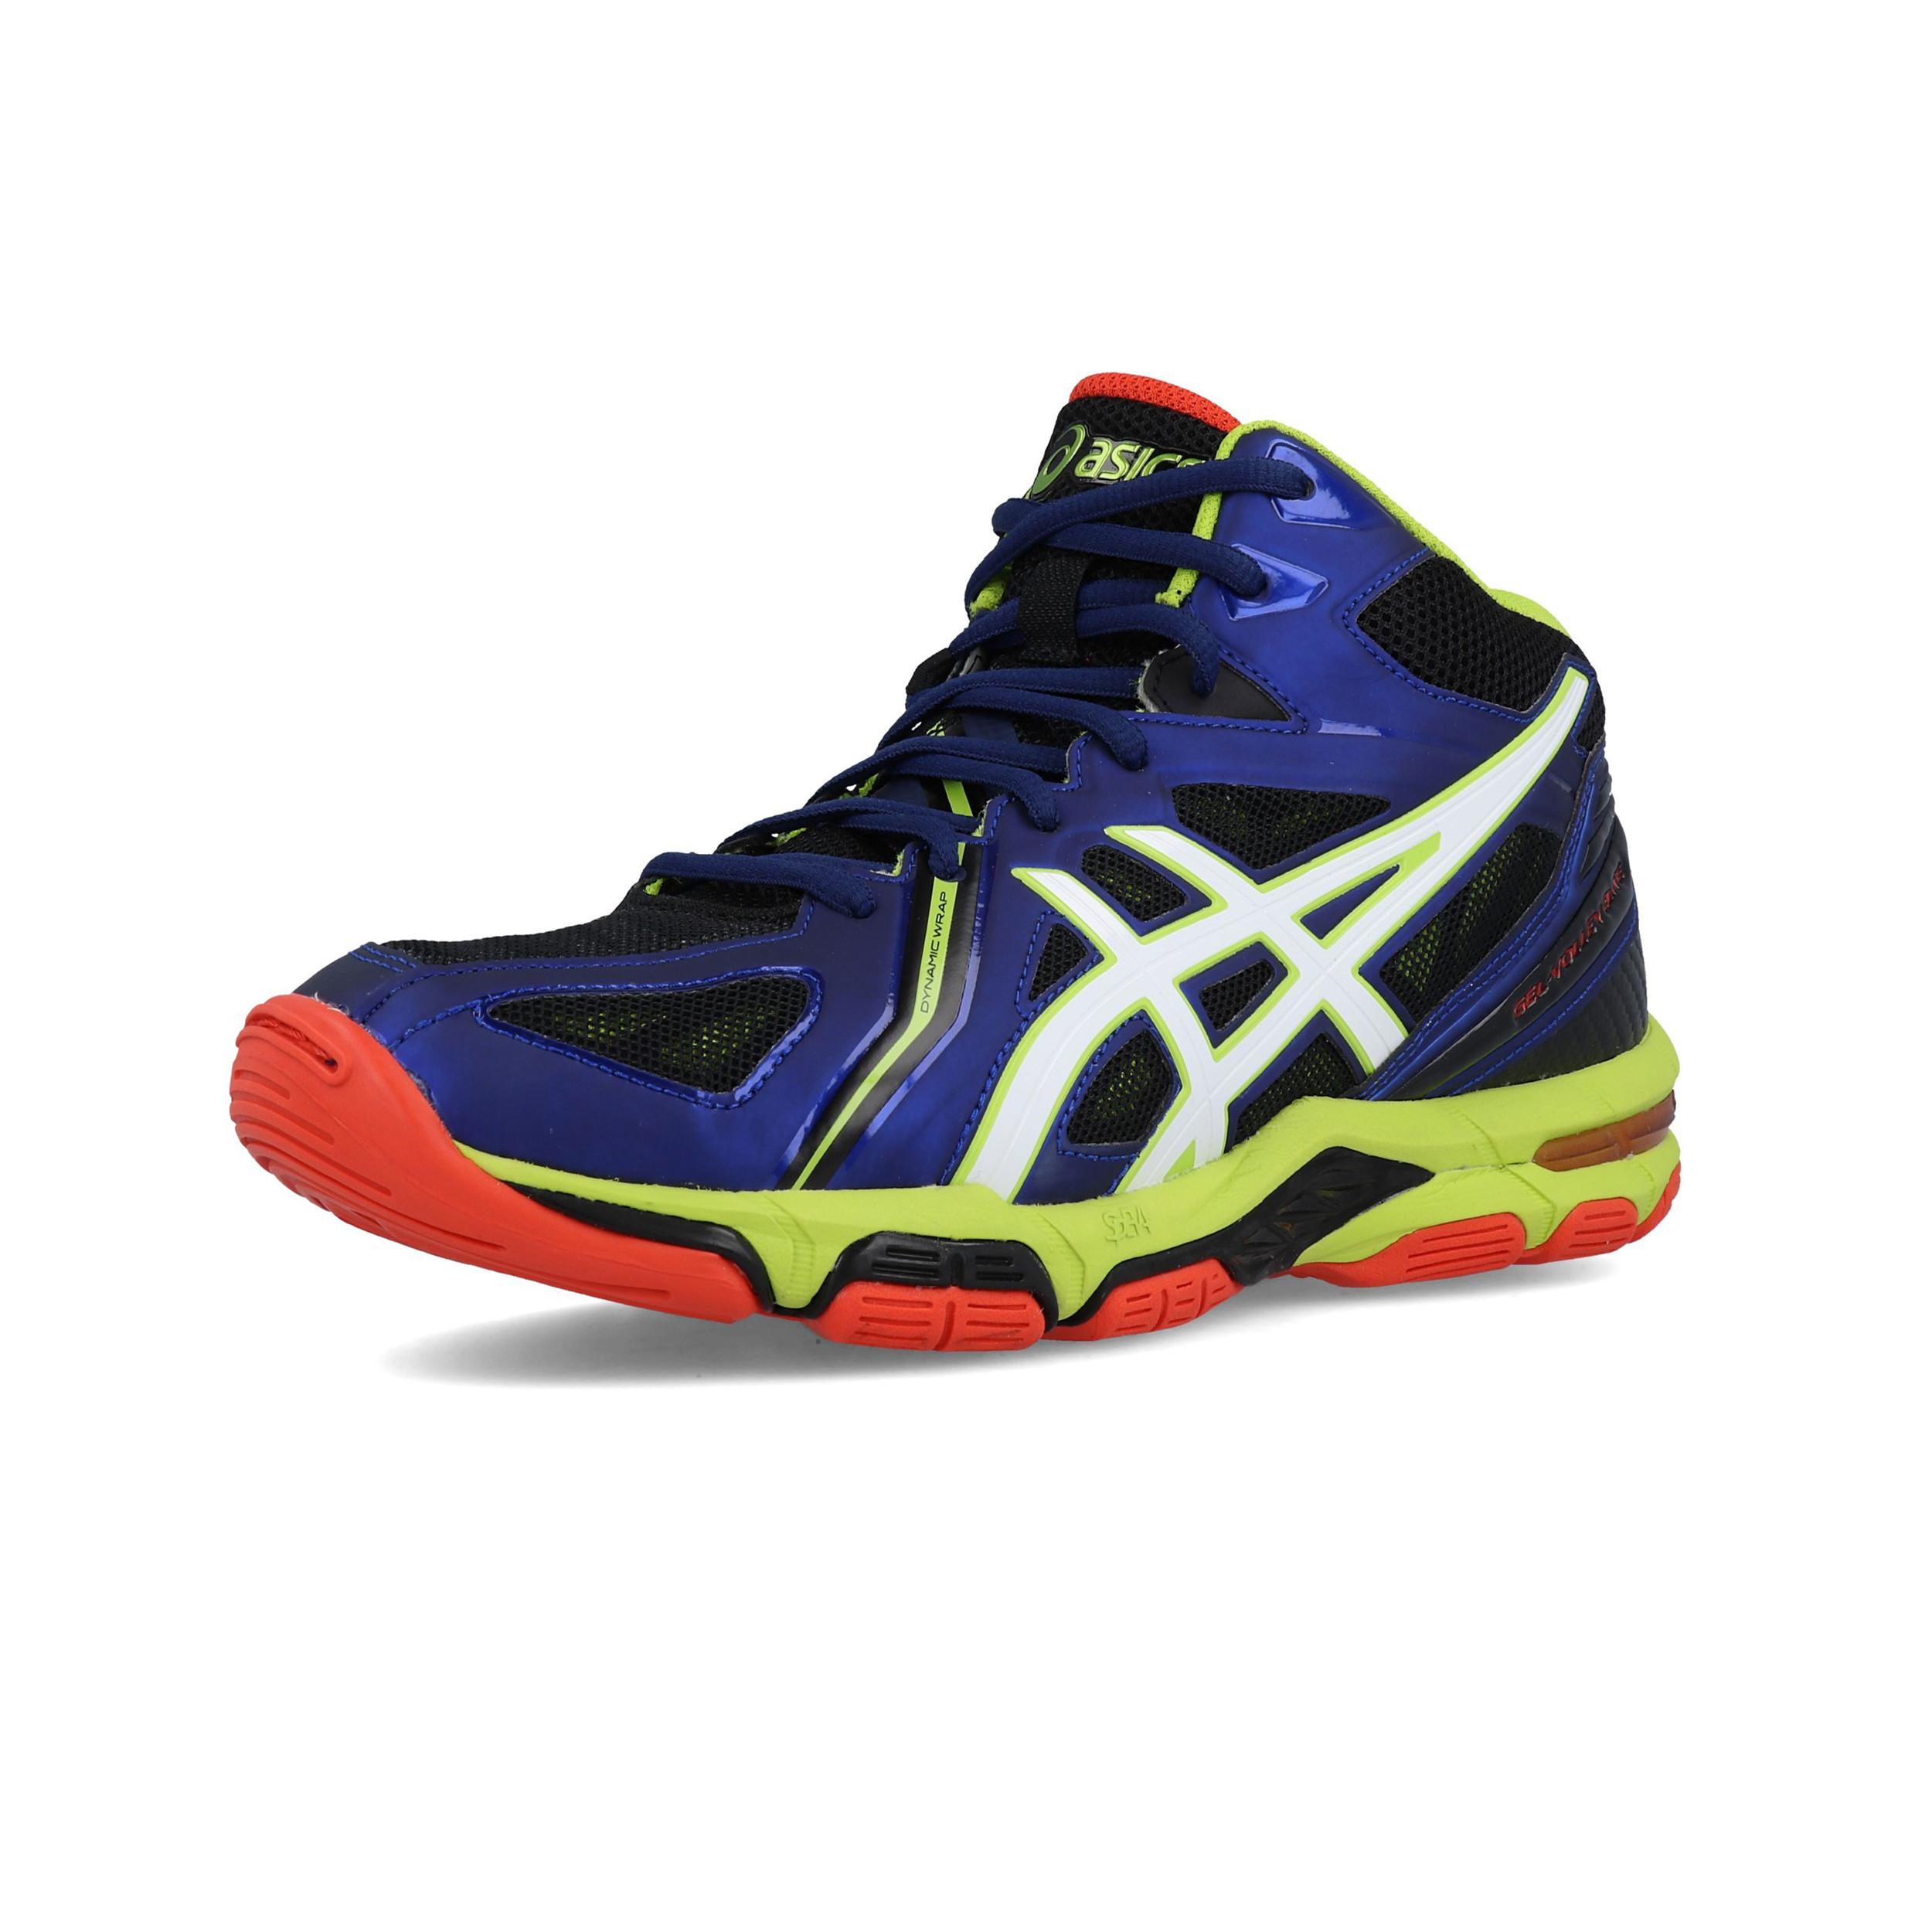 Détails sur Asics Homme Gel Volley Elite 3 MT Cour Chaussures Bleu Sports Handball Volley ball afficher le titre d'origine